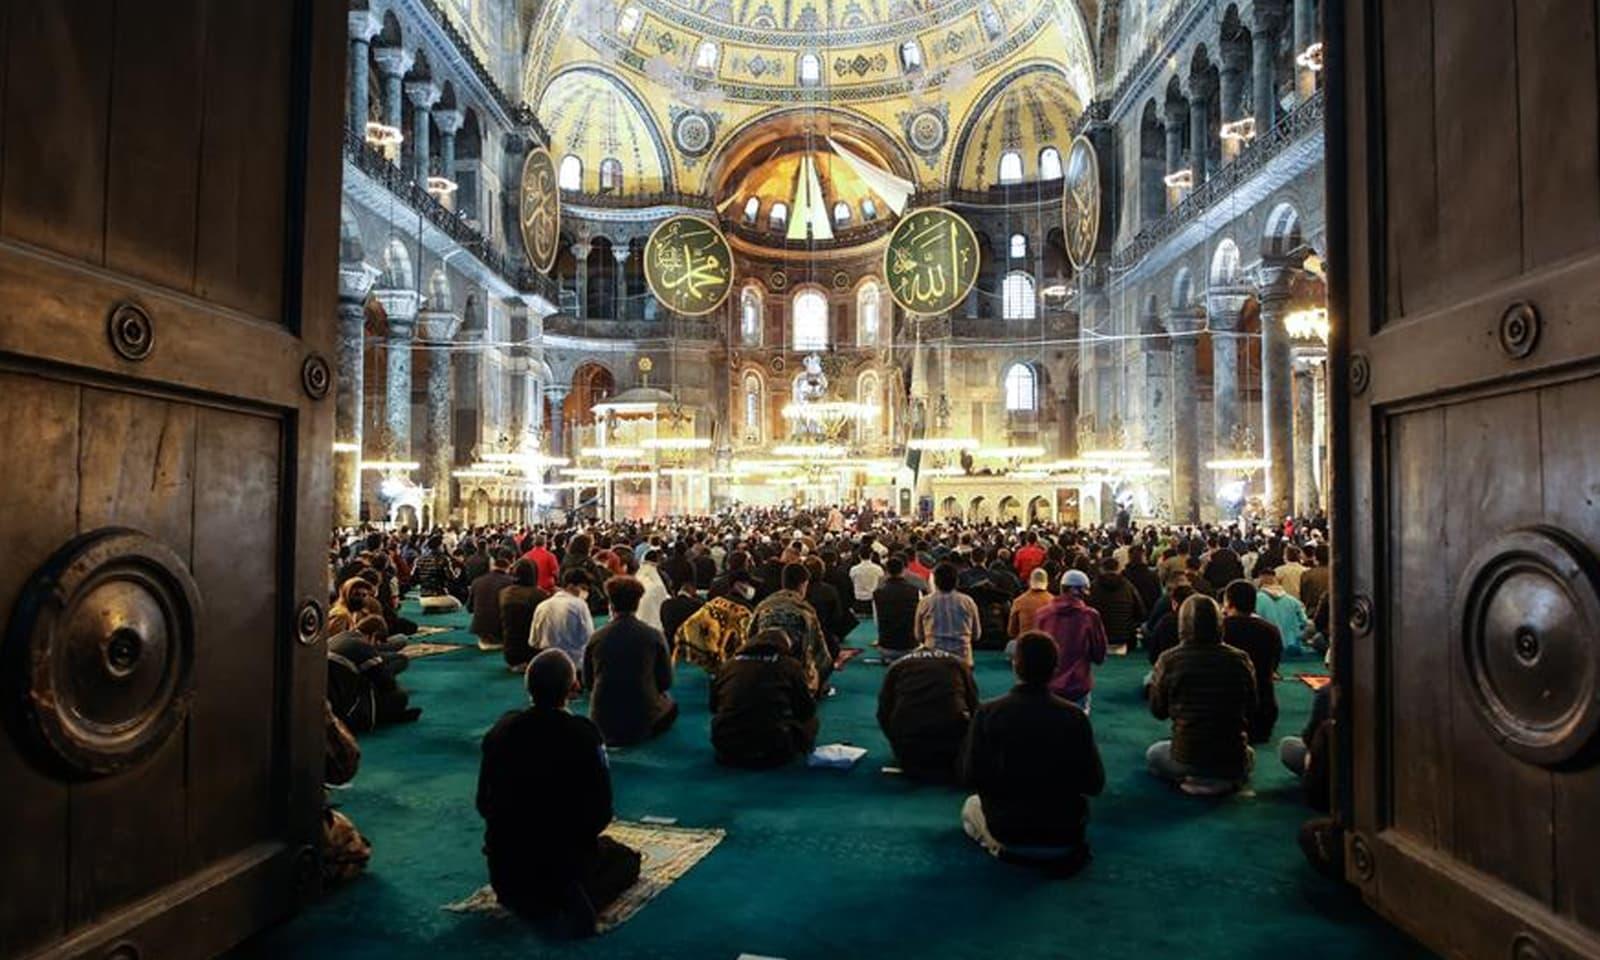 استنبول میں واقع بازنطینی دور کی یادگار آیا صوفیہ میں 87 برس بعد عید کی نماز ادا کی گئی —فوٹو: انادولو ایجنسی